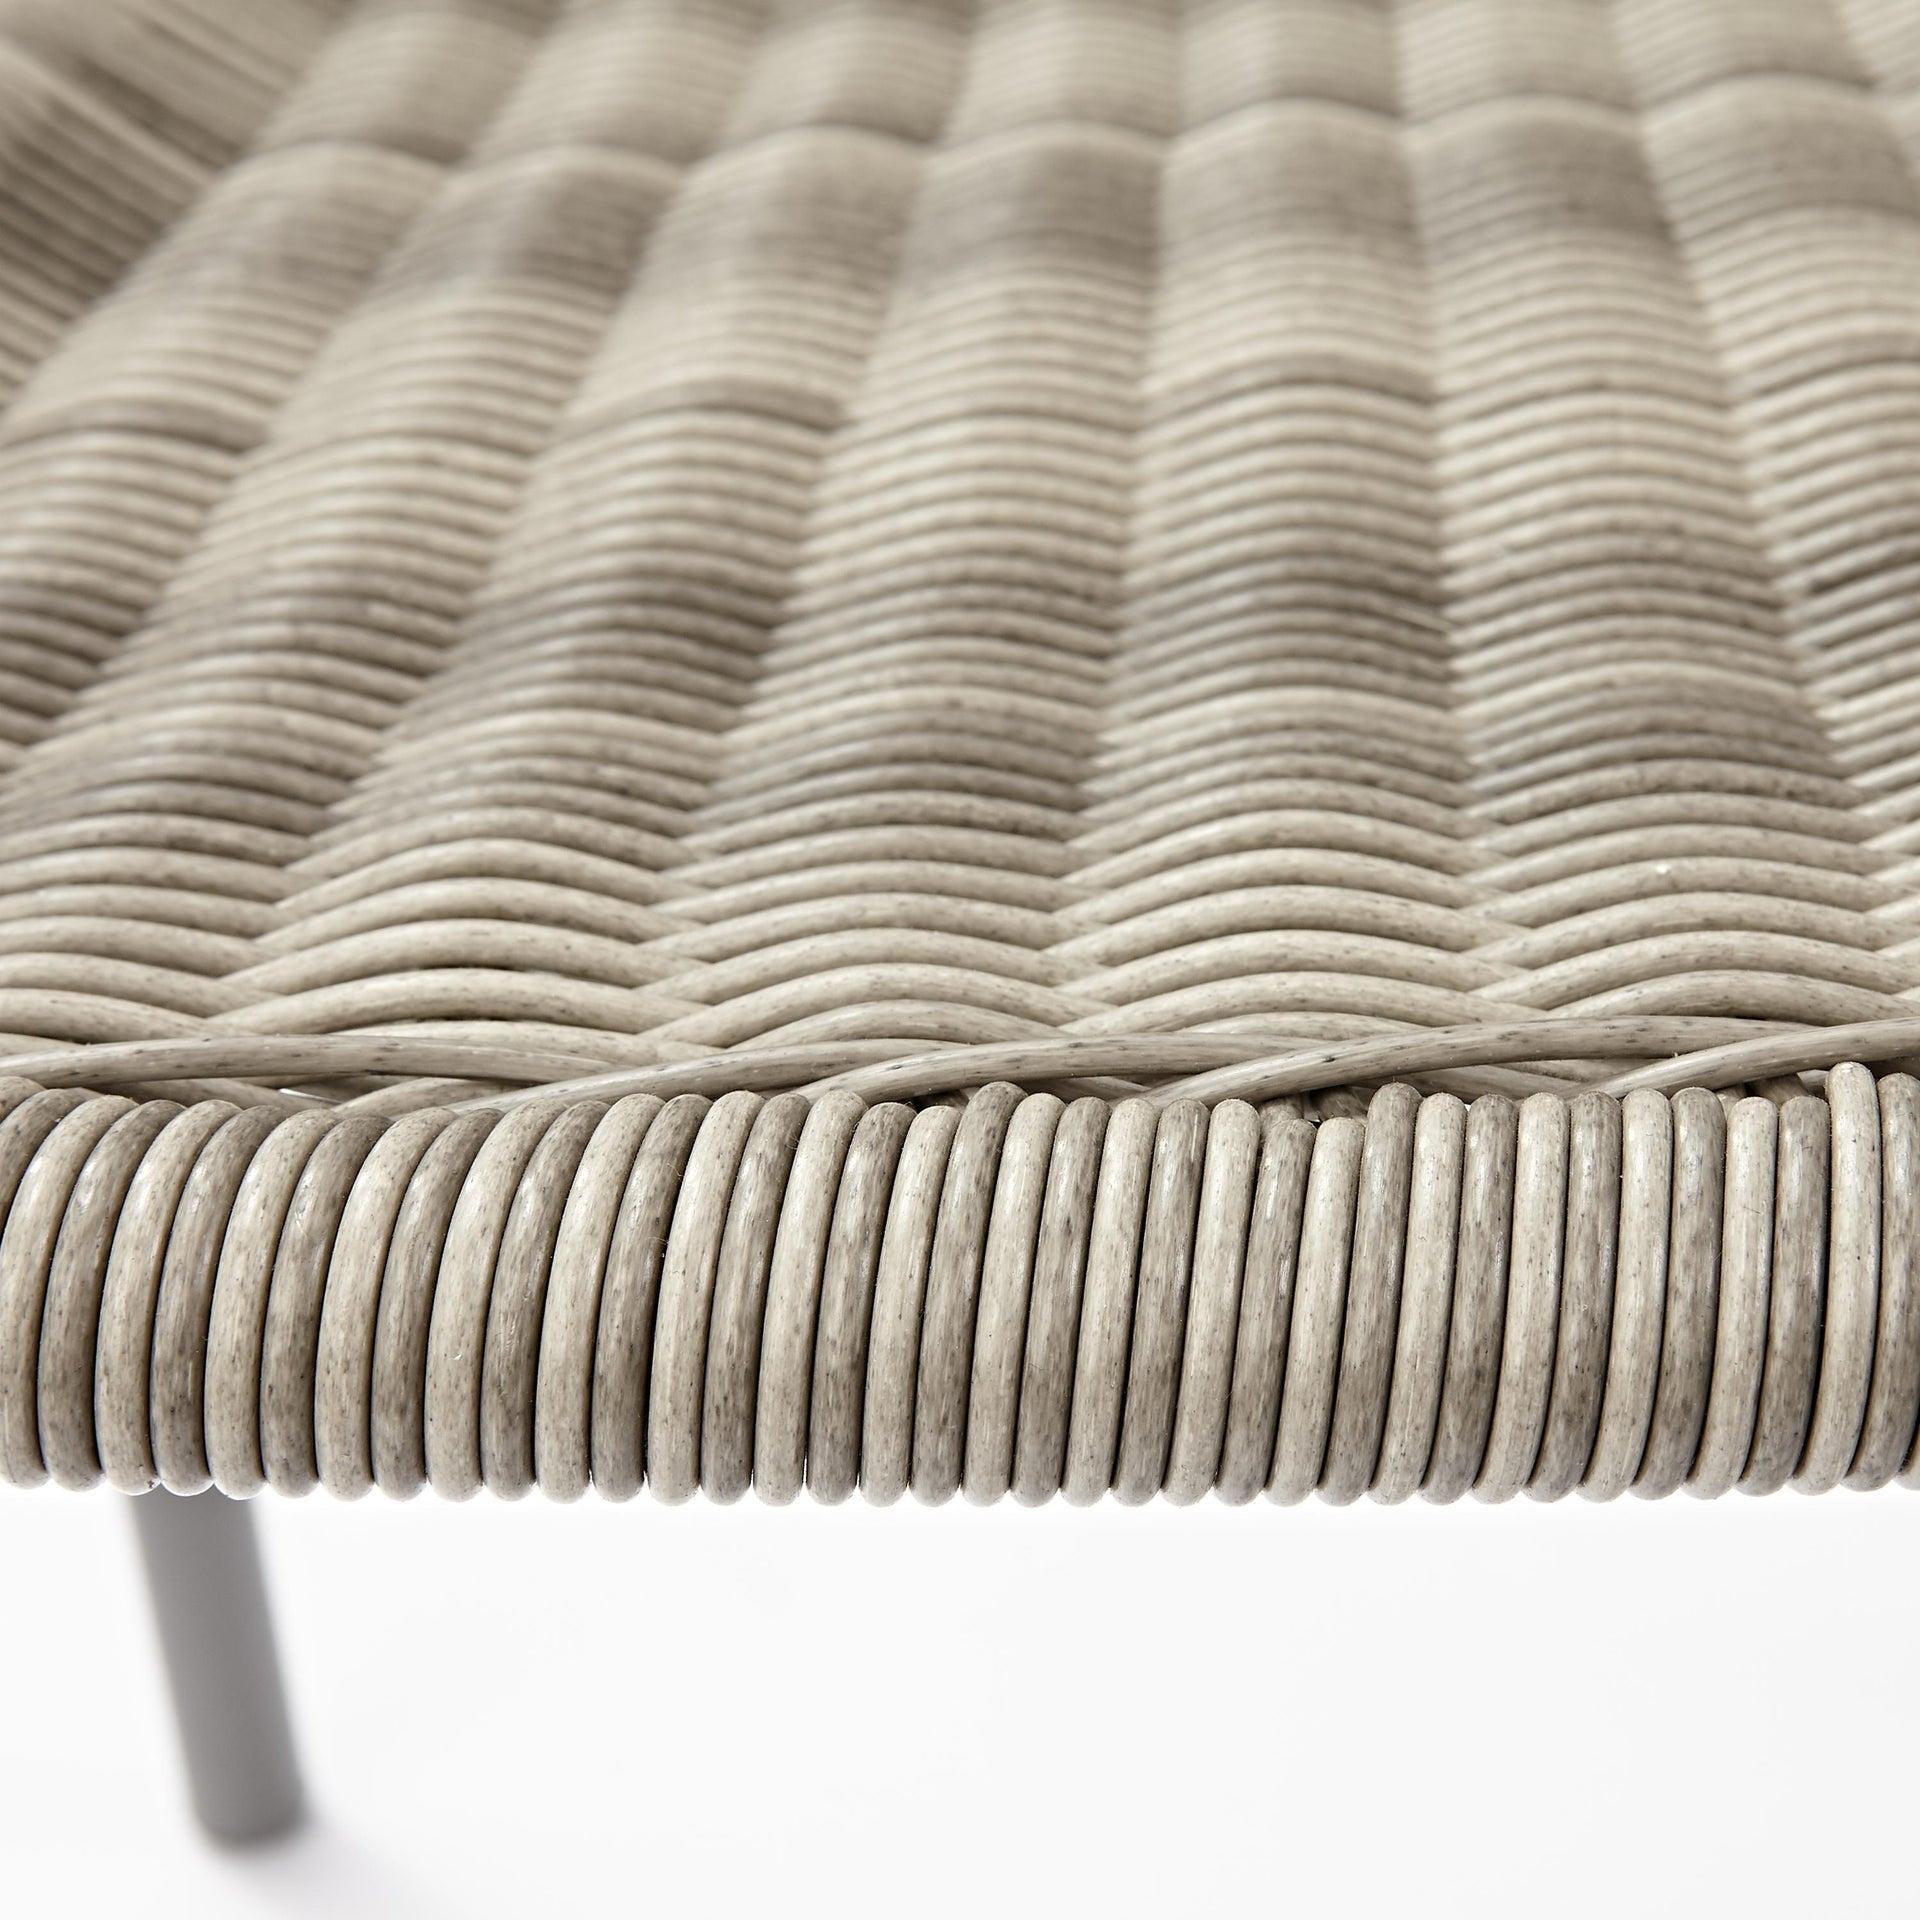 Sedia con braccioli senza cuscino in acciaio Elia colore beige - 4